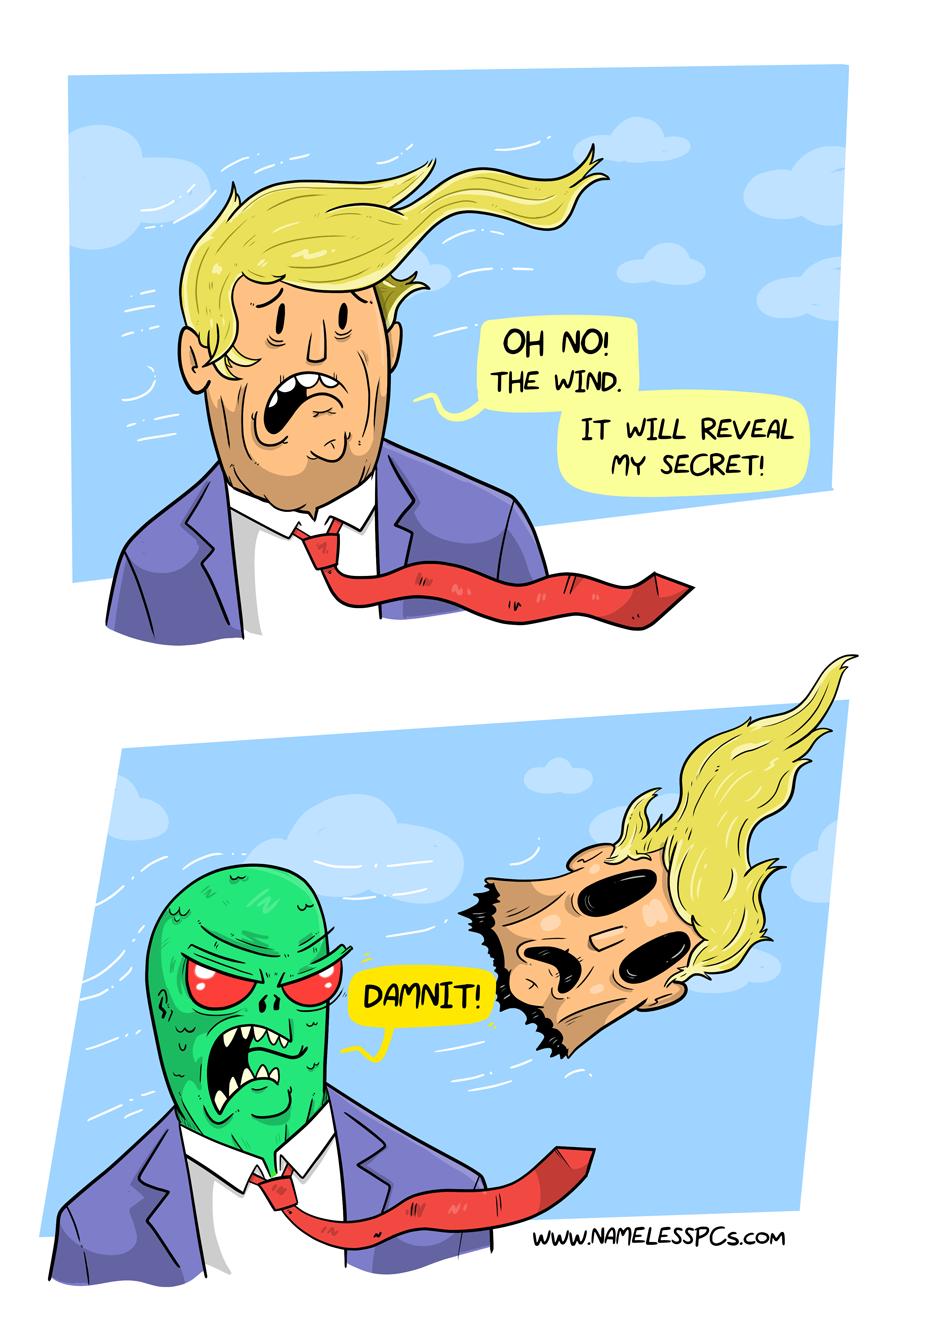 Trump's Real Secret